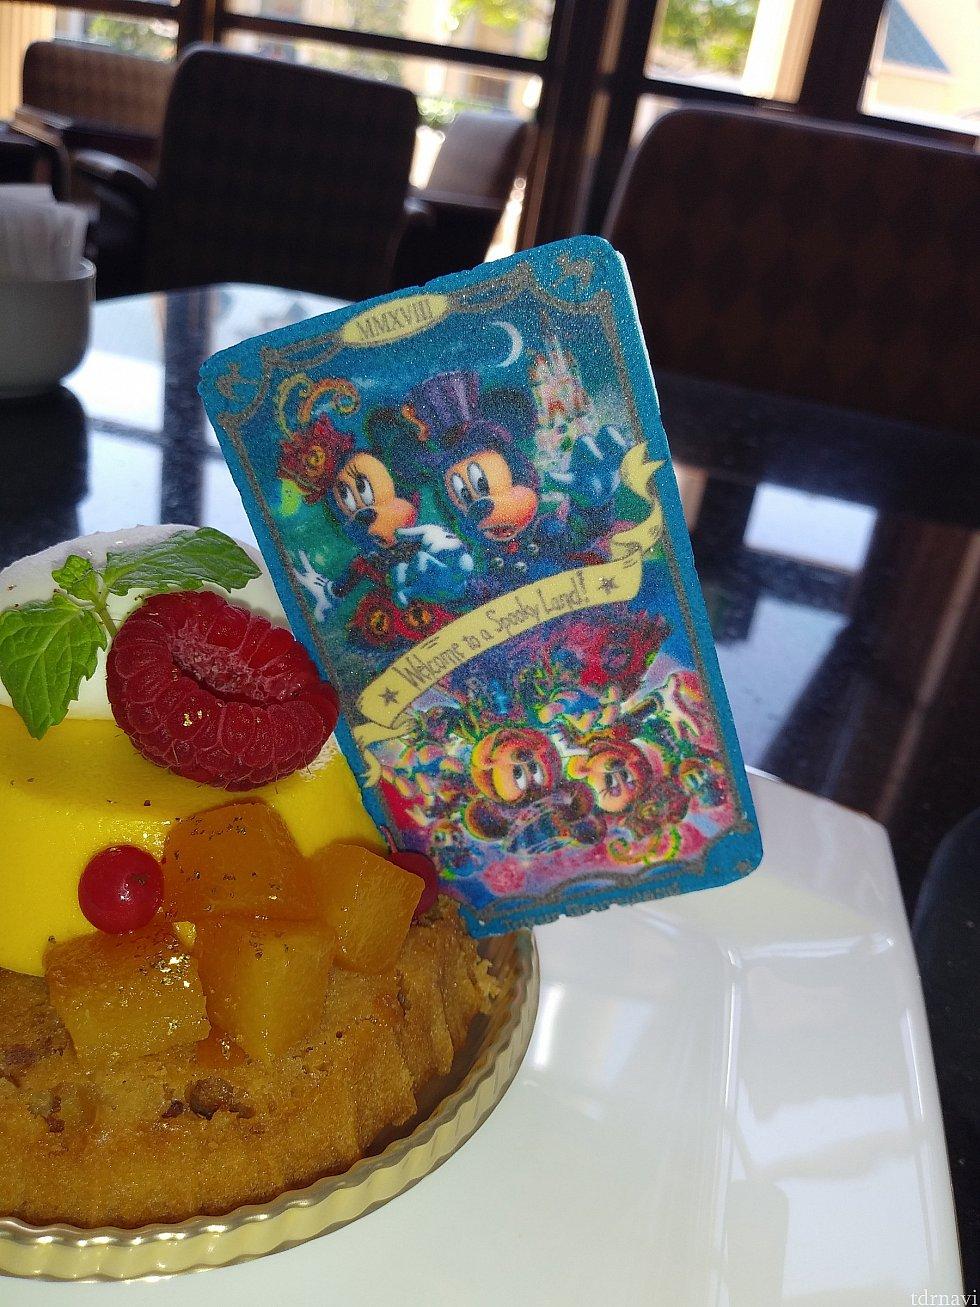 ミッキーとミニーのタロットカードは、変身前と変身後の絵柄になっています。